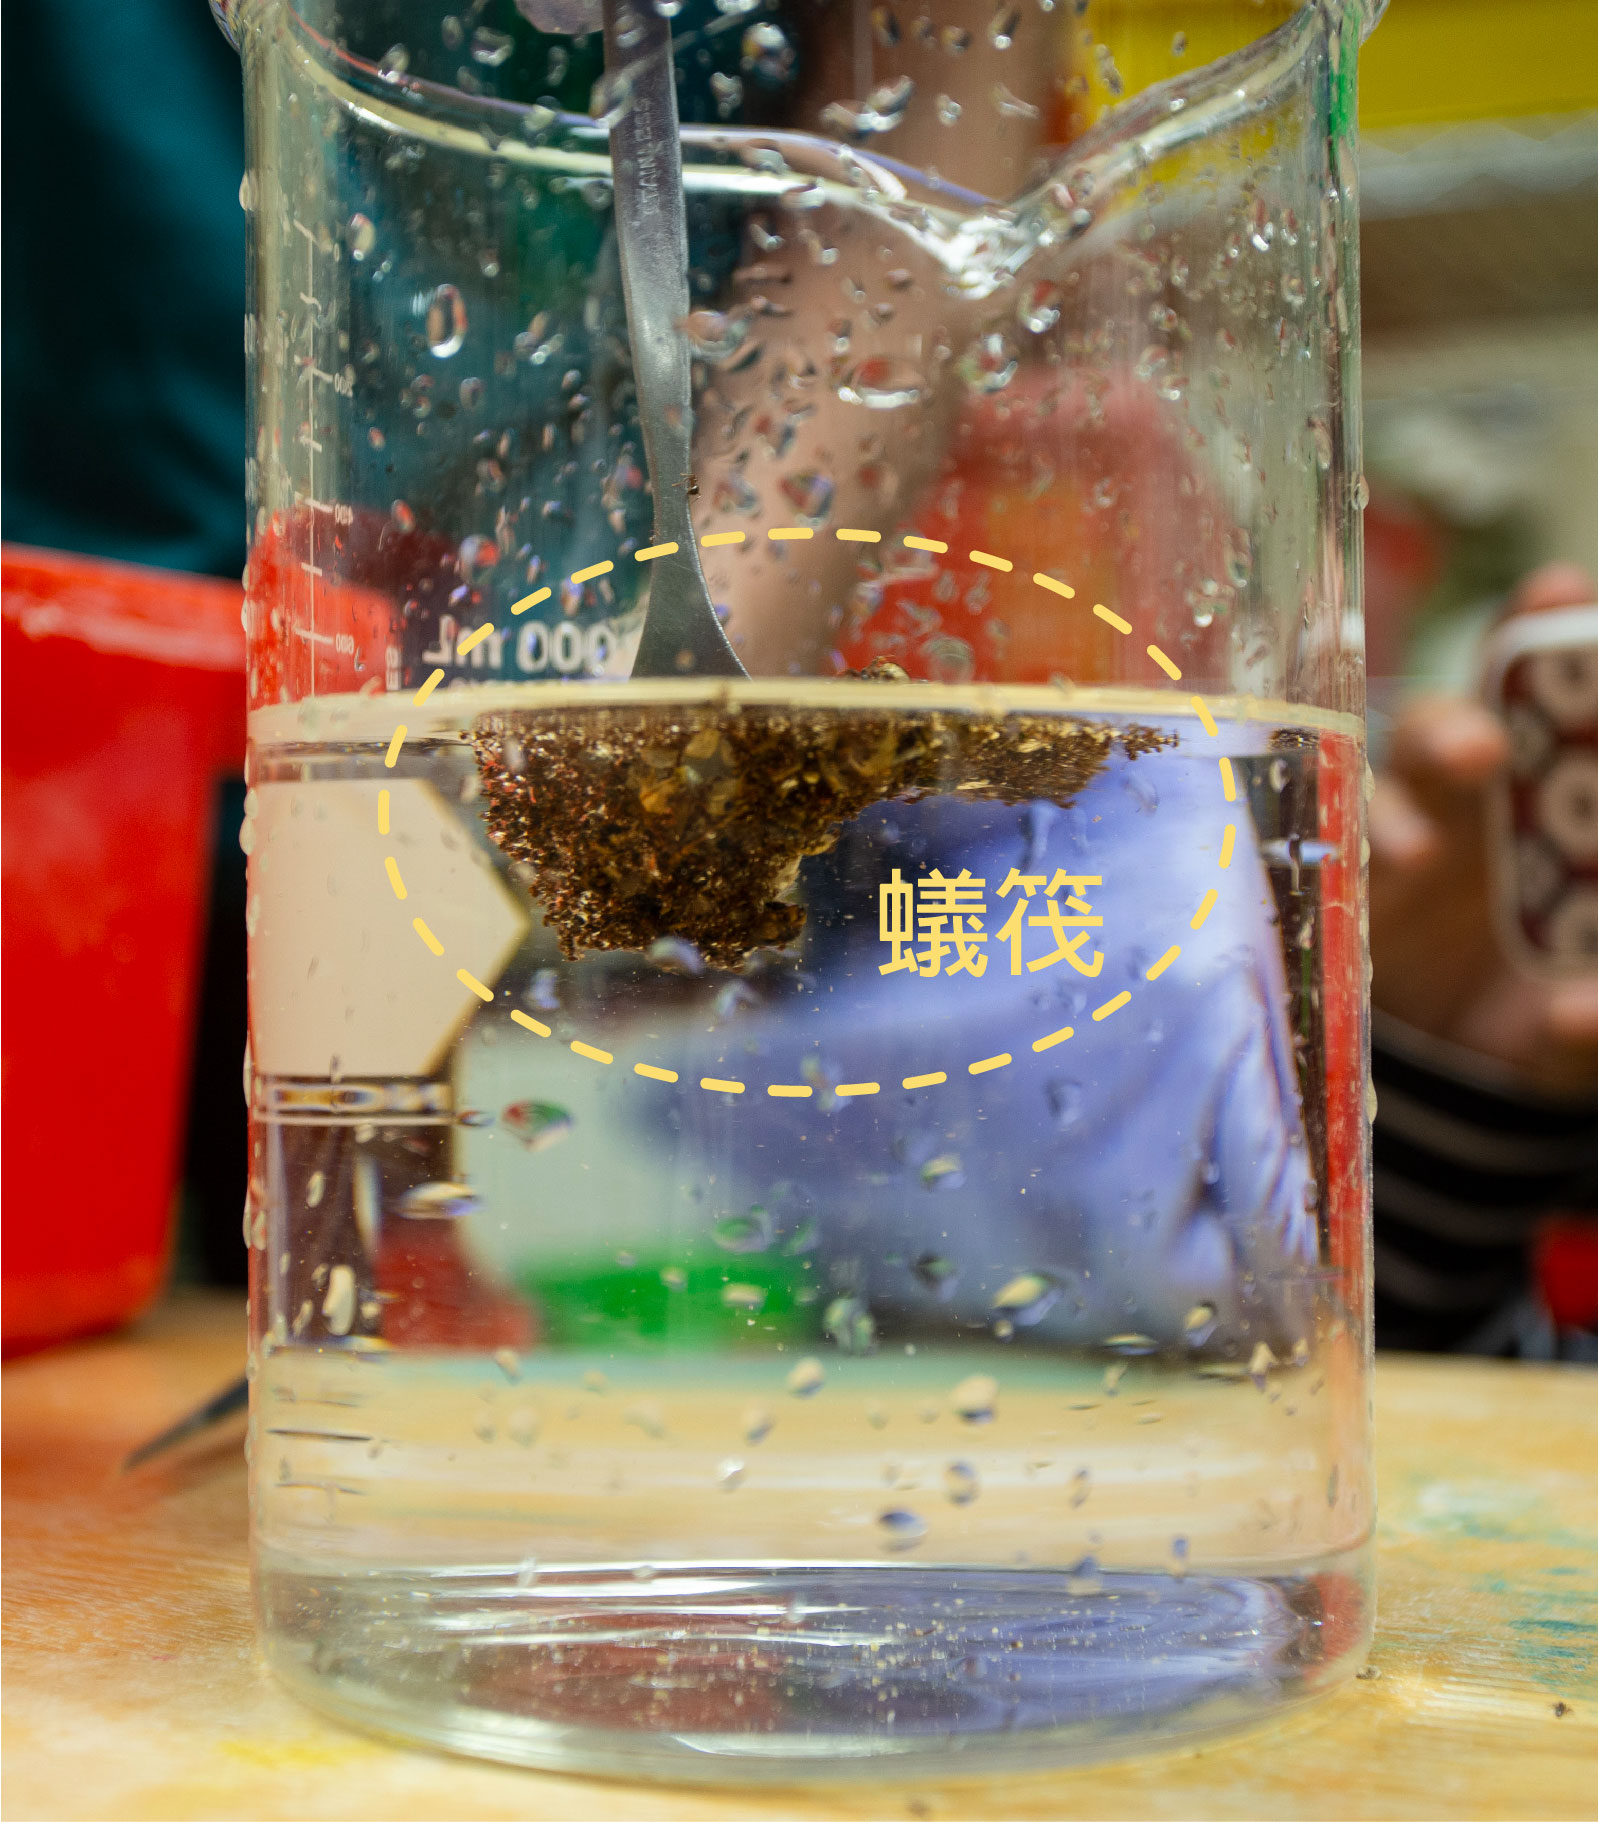 紅火蟻的蟻筏。把紅火蟻丟入水中,牠們會用大顎咬住彼此的腳,組成一個球狀或筏狀物,把蟻后和卵、幼蟲放在「球」中間保護,稱為「蟻筏」。攝影│林洵安